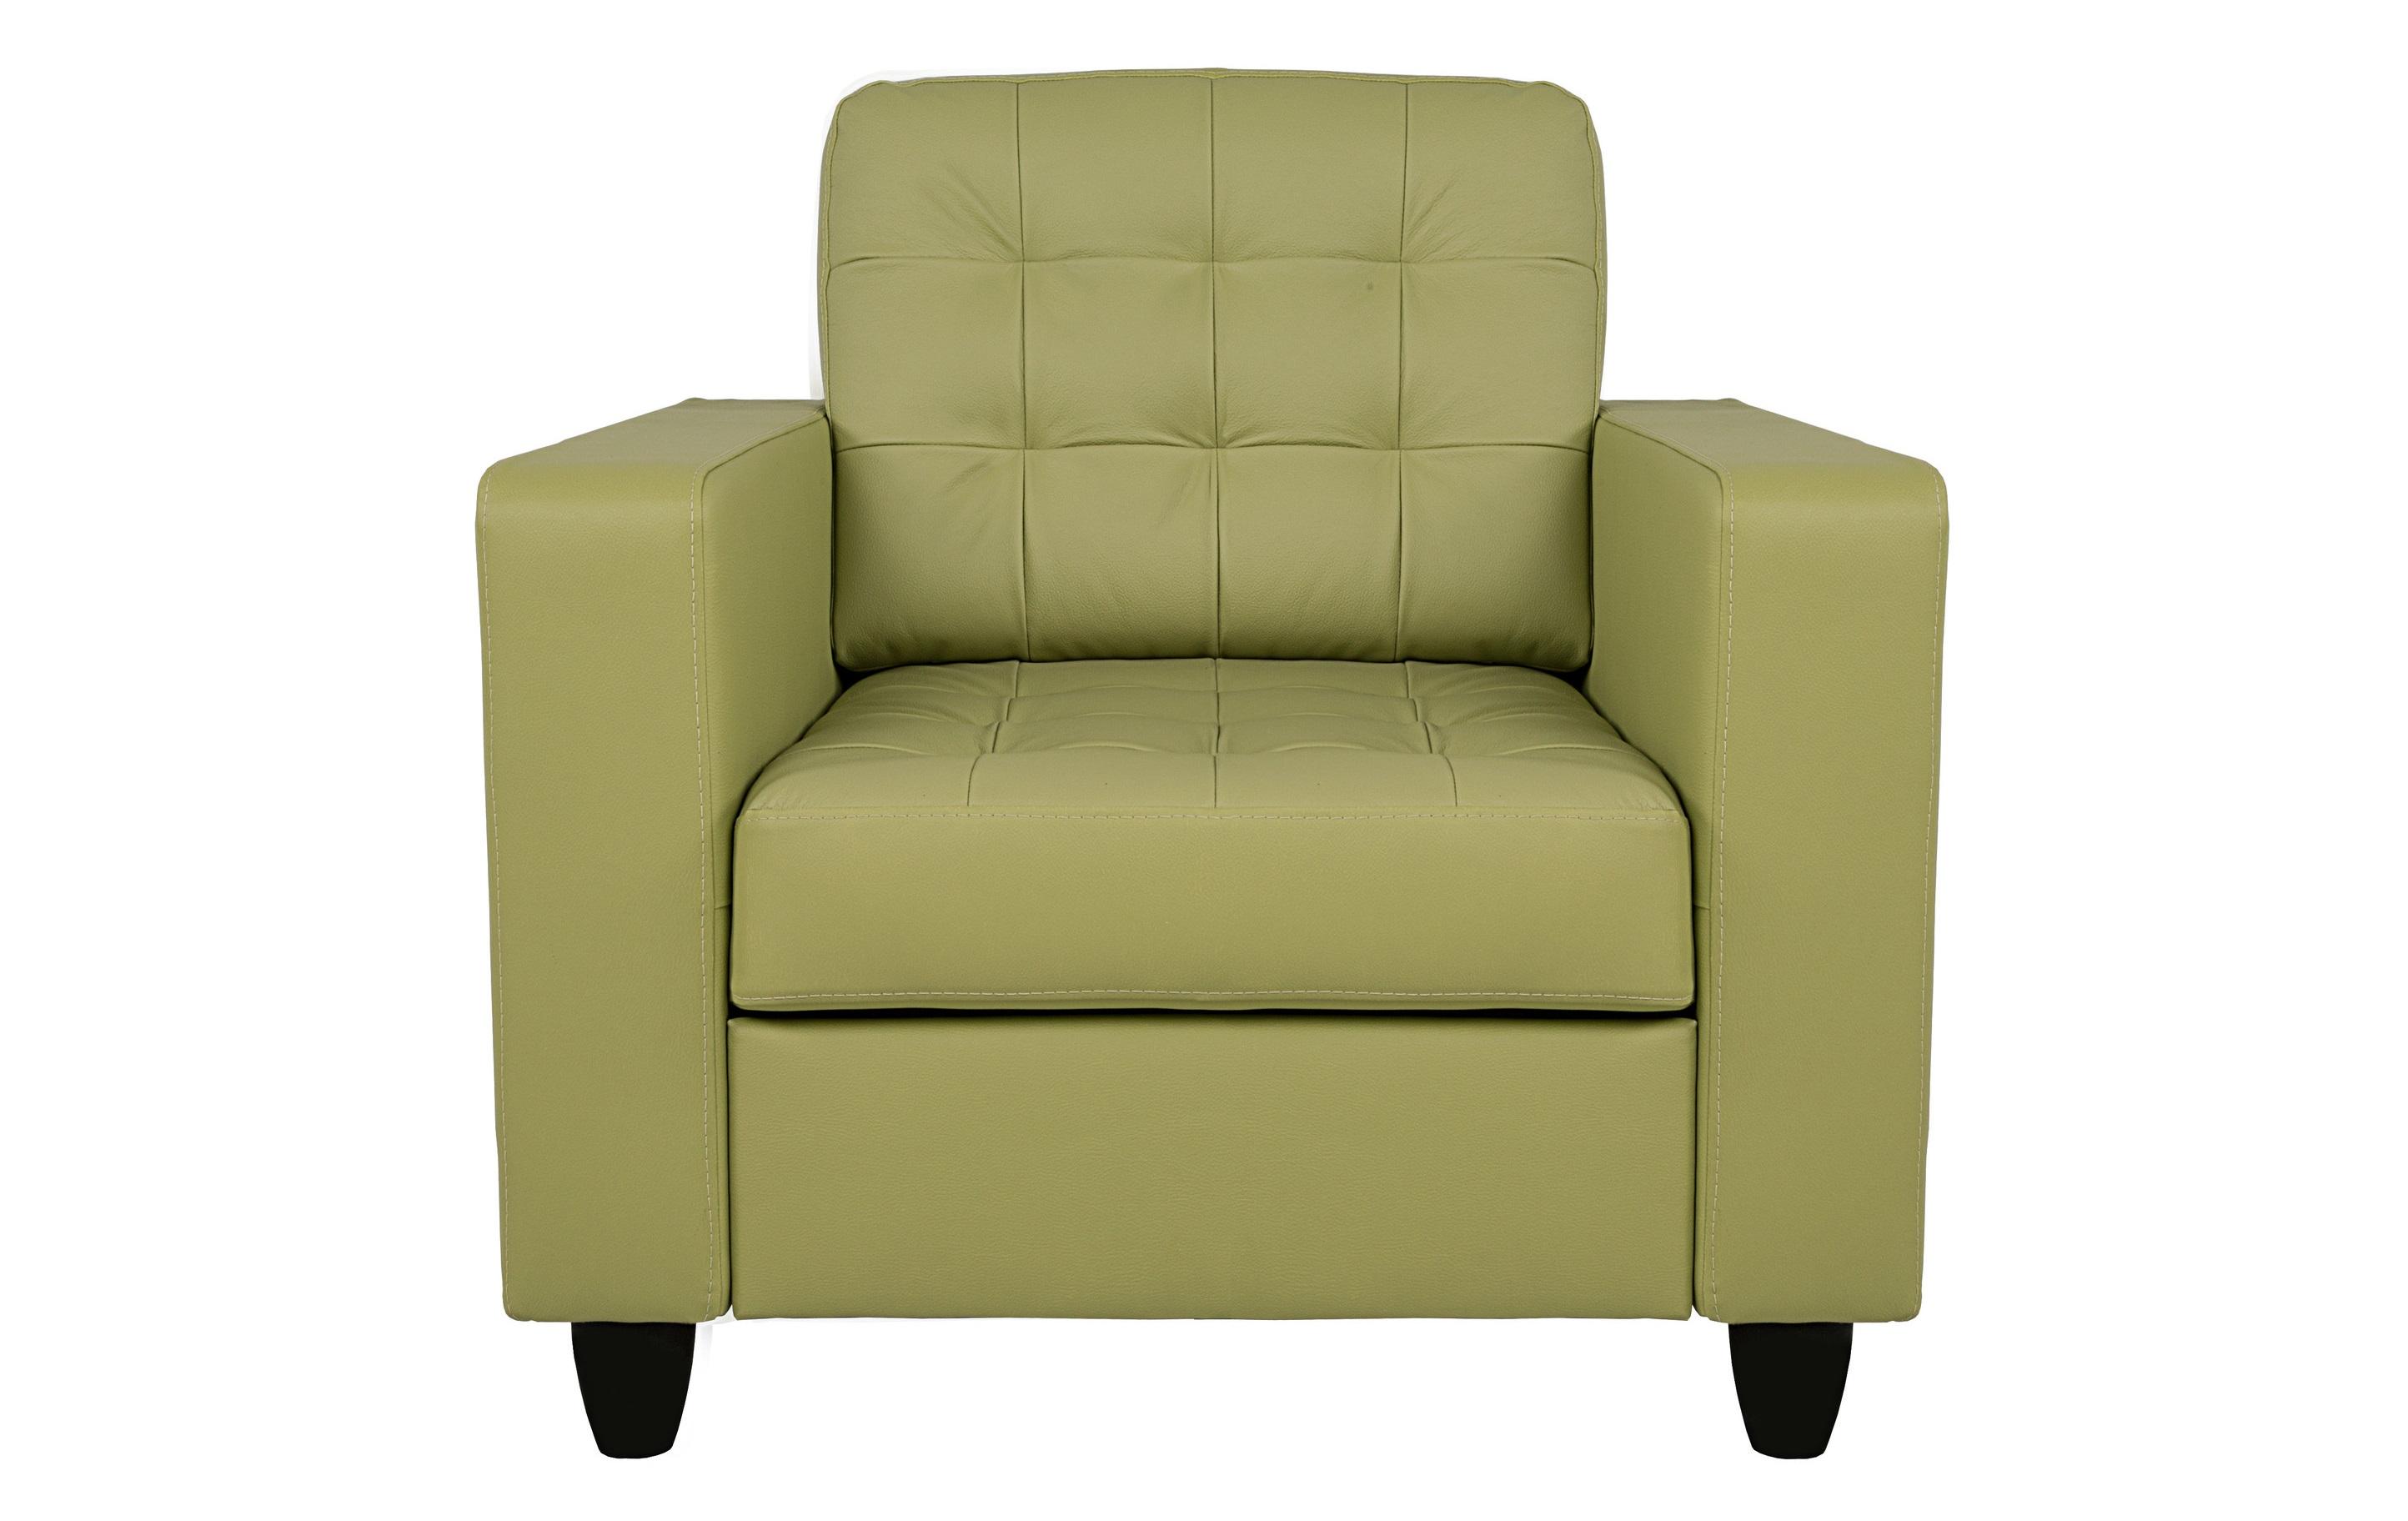 Кресло КамелотКожаные кресла<br>&amp;lt;div&amp;gt;Строгий силуэт и лаконичность линий — вот отличительные особенности кресла «Камелот».&amp;amp;nbsp;&amp;lt;/div&amp;gt;&amp;lt;div&amp;gt;Великолепные свойства кожи - прочность и долговечность - позволяют сохранить первоначальный вид мебели в течение длительного срока.Натуральная кожа madras phistachio.&amp;amp;nbsp;&amp;lt;/div&amp;gt;<br><br>Material: Кожа<br>Width см: 100<br>Depth см: 85<br>Height см: 75